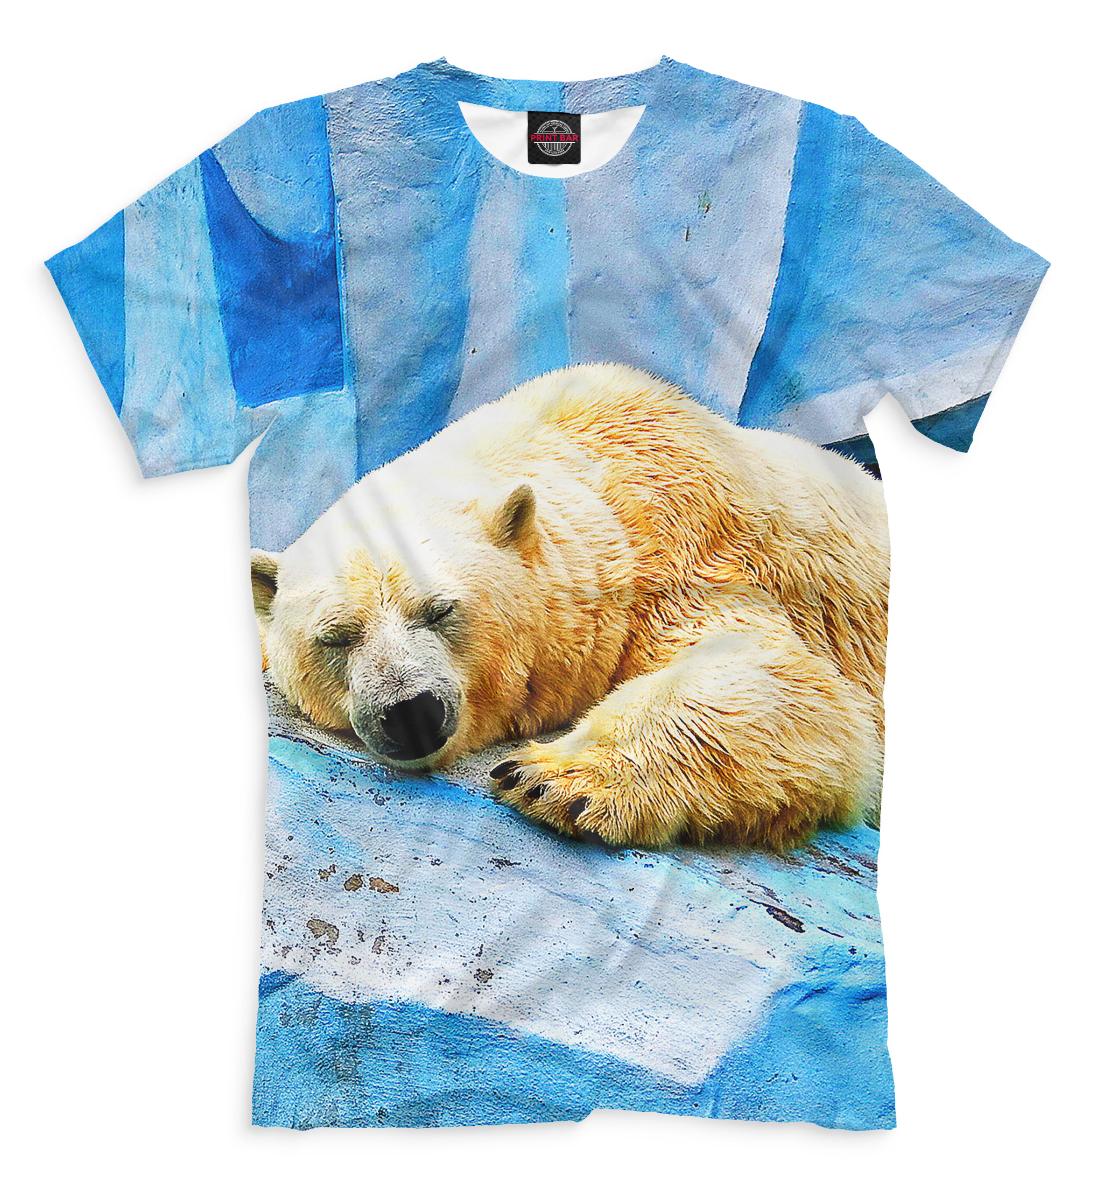 Купить Спящий белый медведь, Printbar, Футболки, MED-797307-fut-2